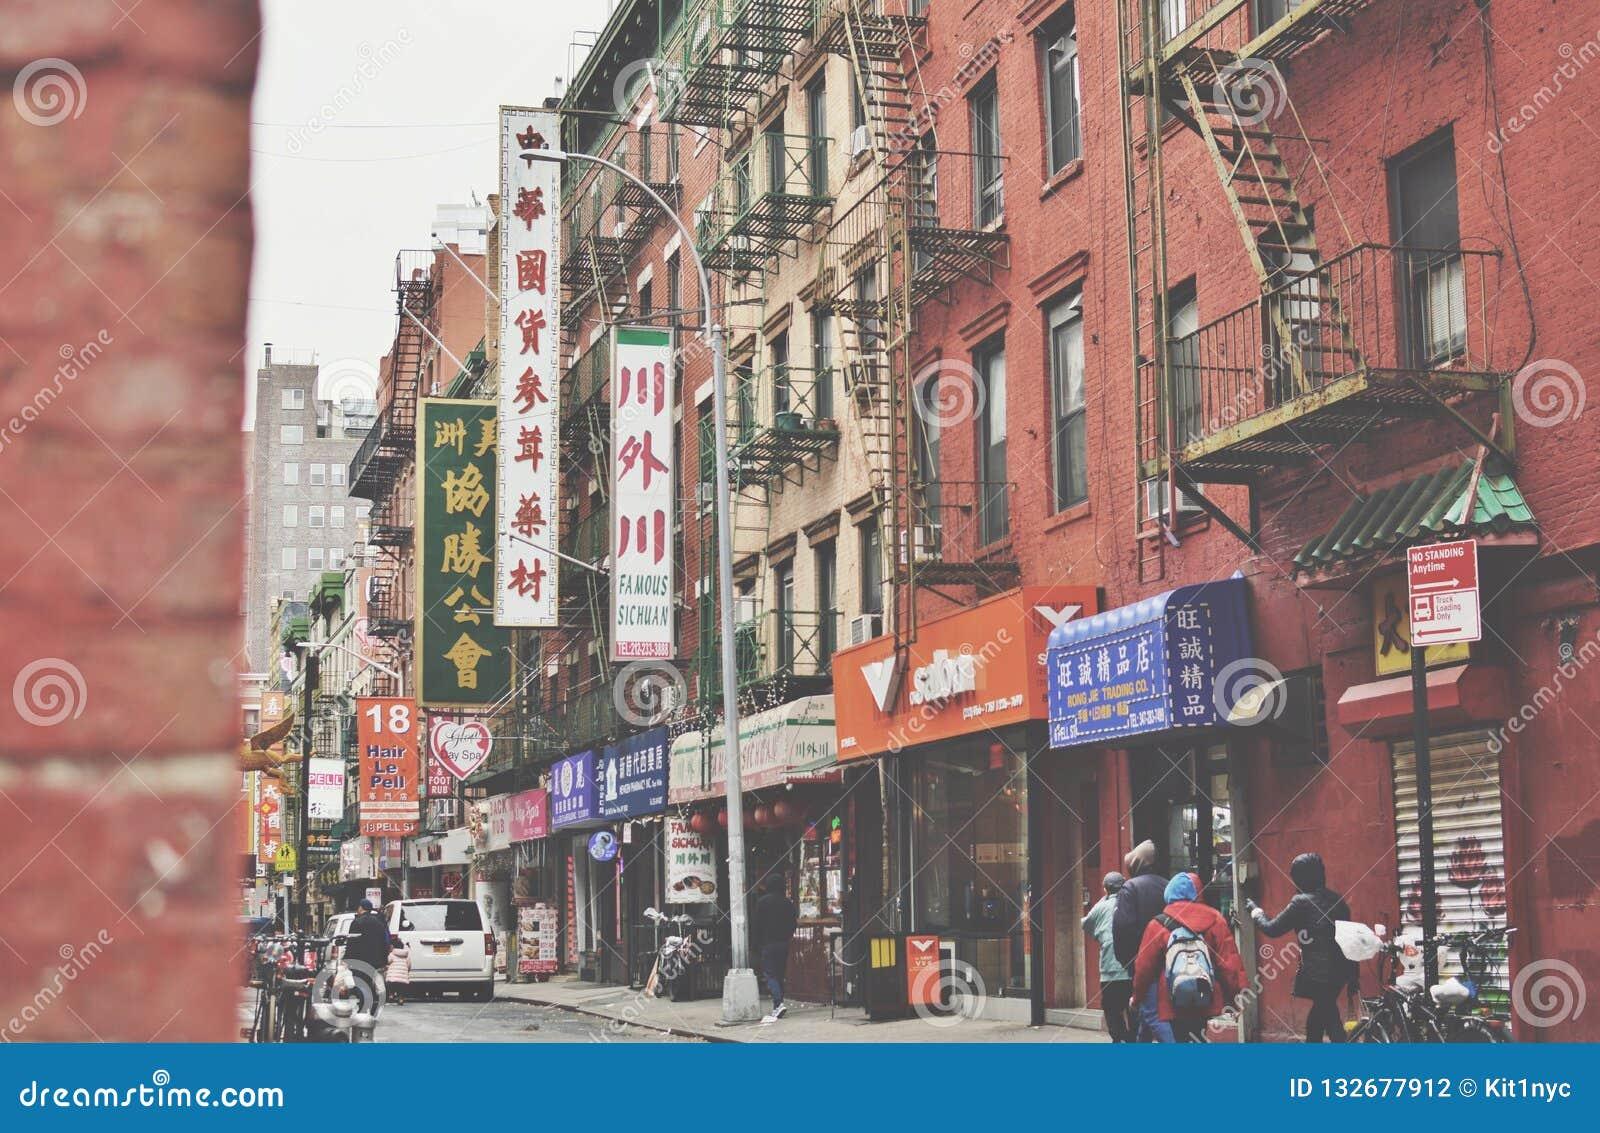 Chinatown viejo Nueva York frondosa y ciudad de las calles de Pell Street Lower East Side NYC